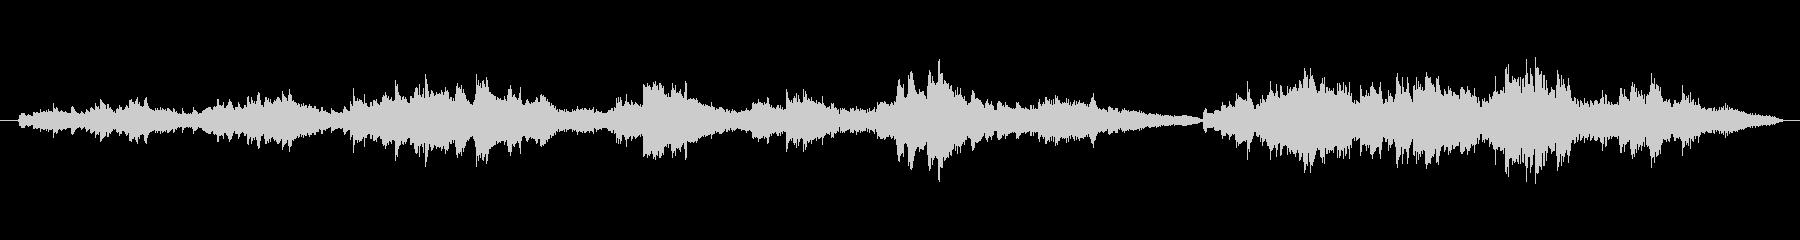 シューマン 作品12 飛翔 綺麗な部分の未再生の波形